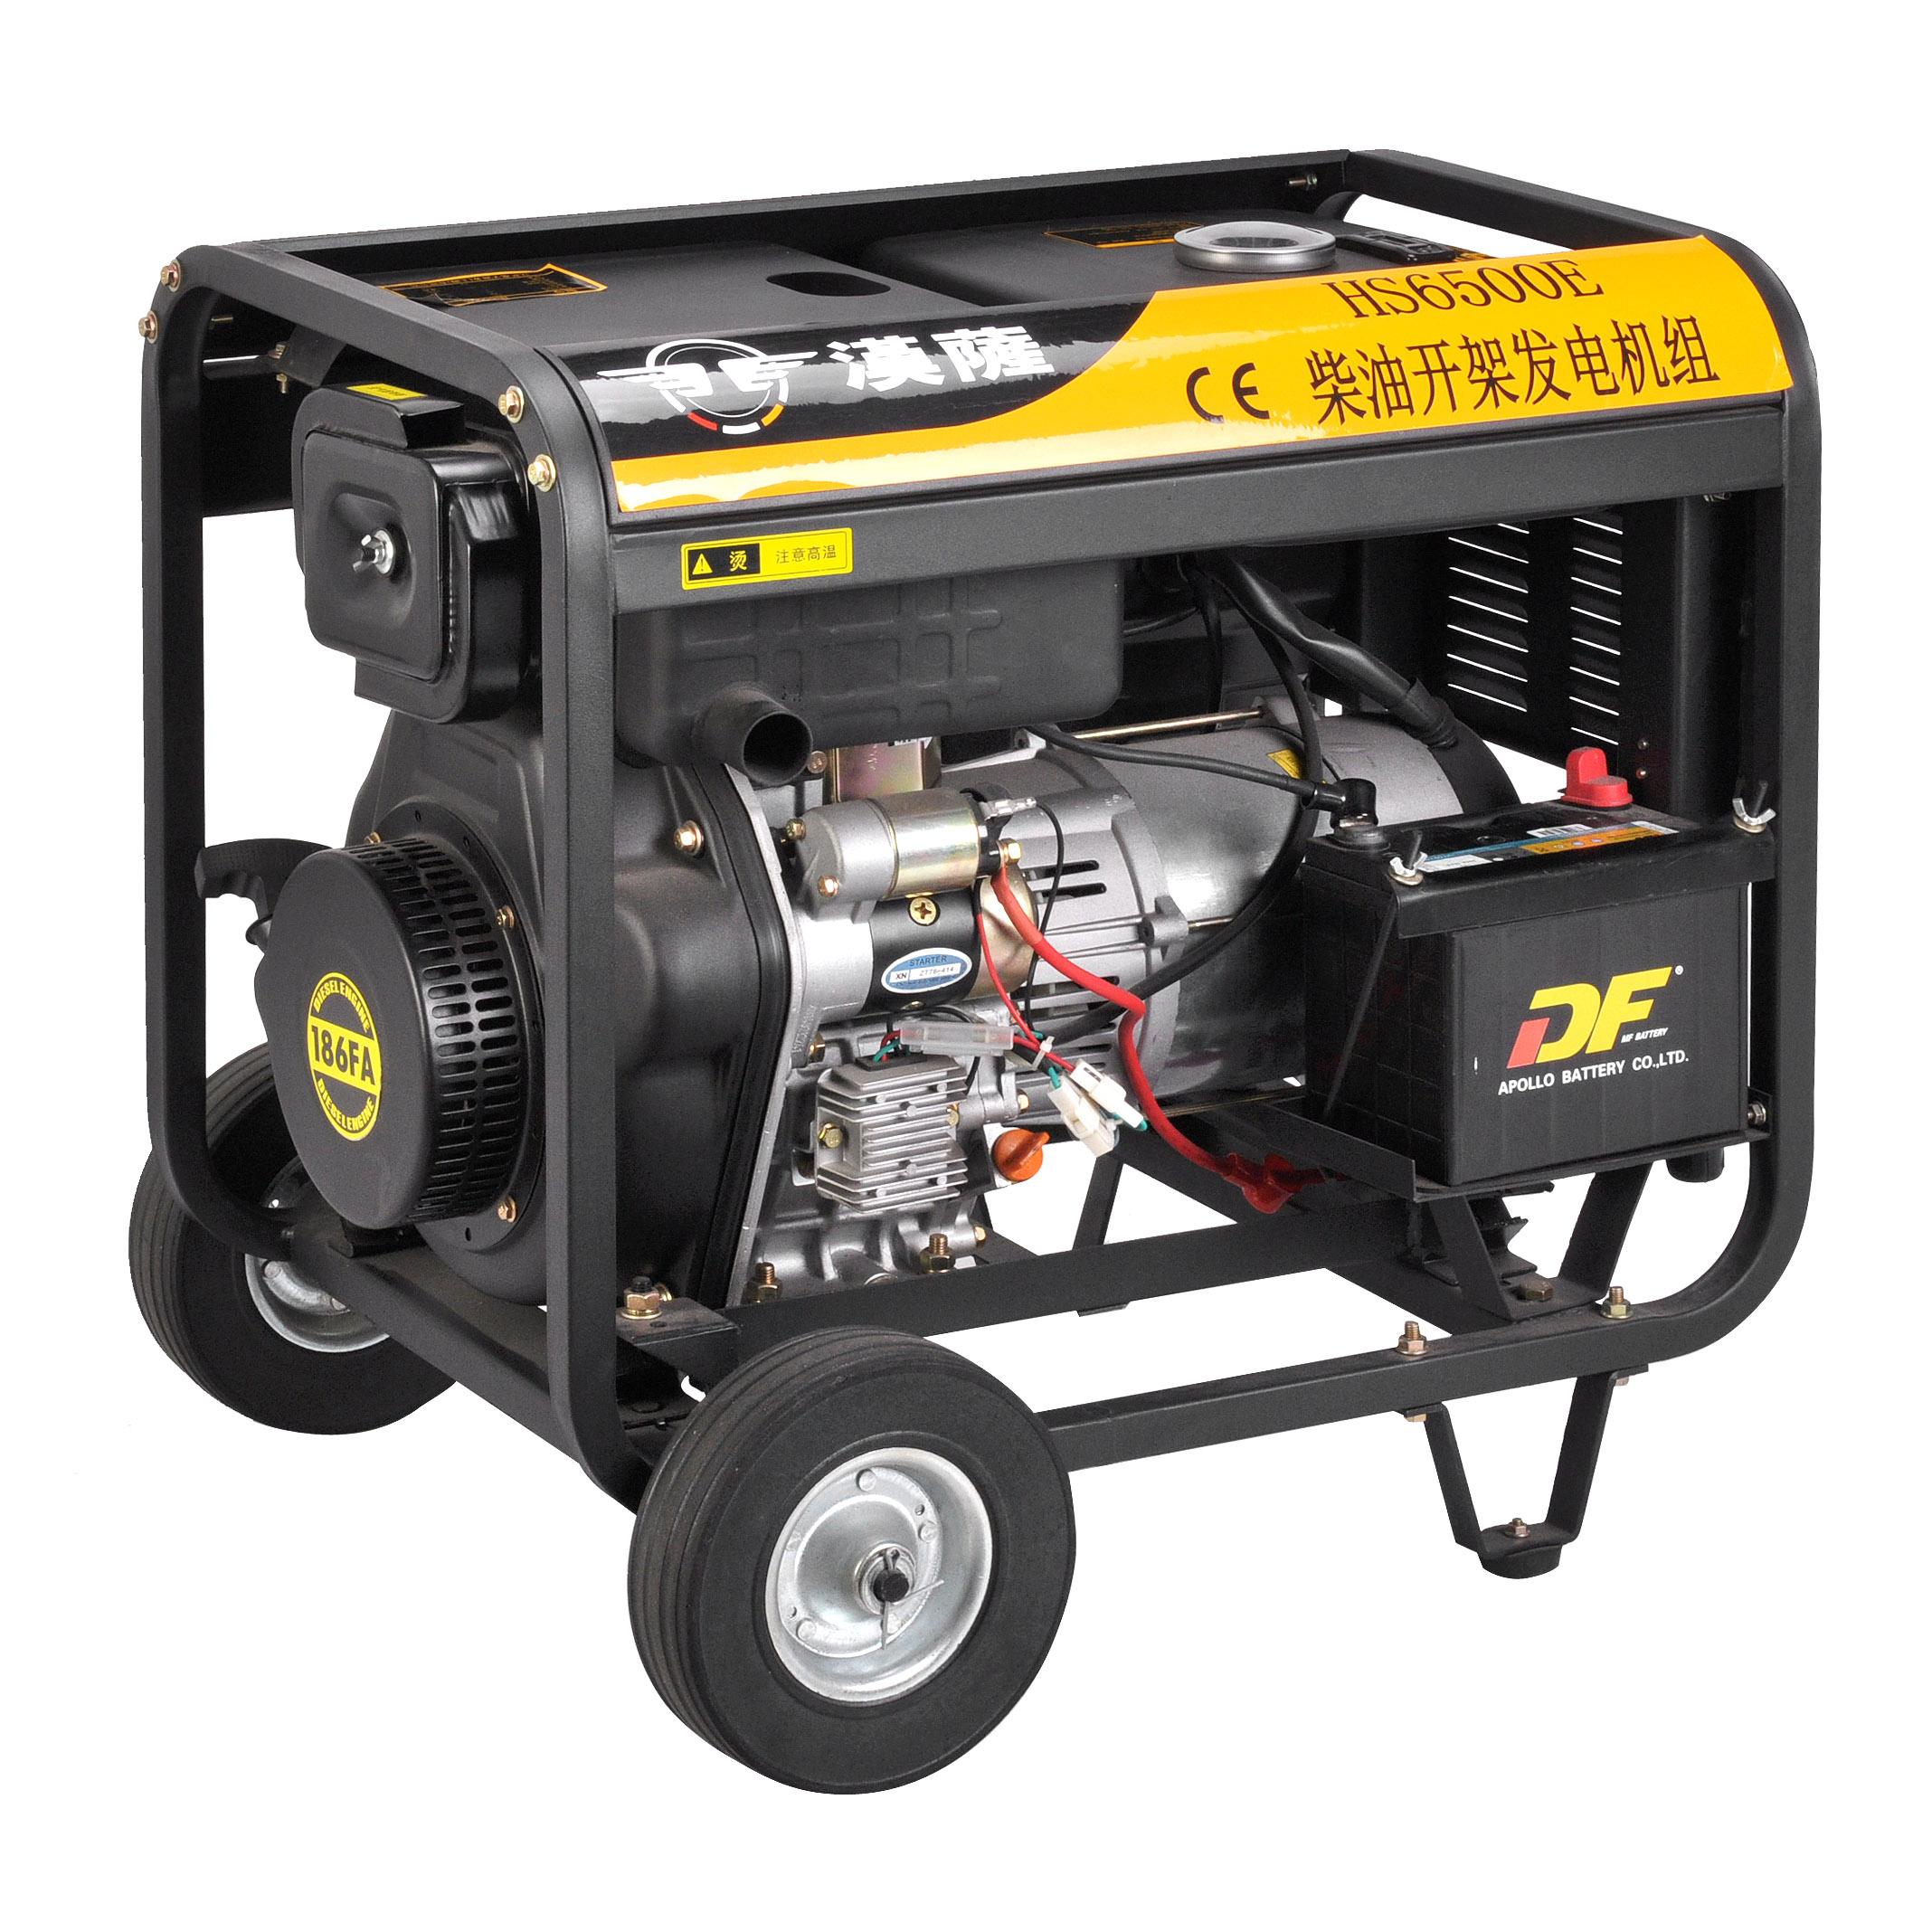 5KW单相柴油发电机//厂家直销发电机//电启动柴油发电机